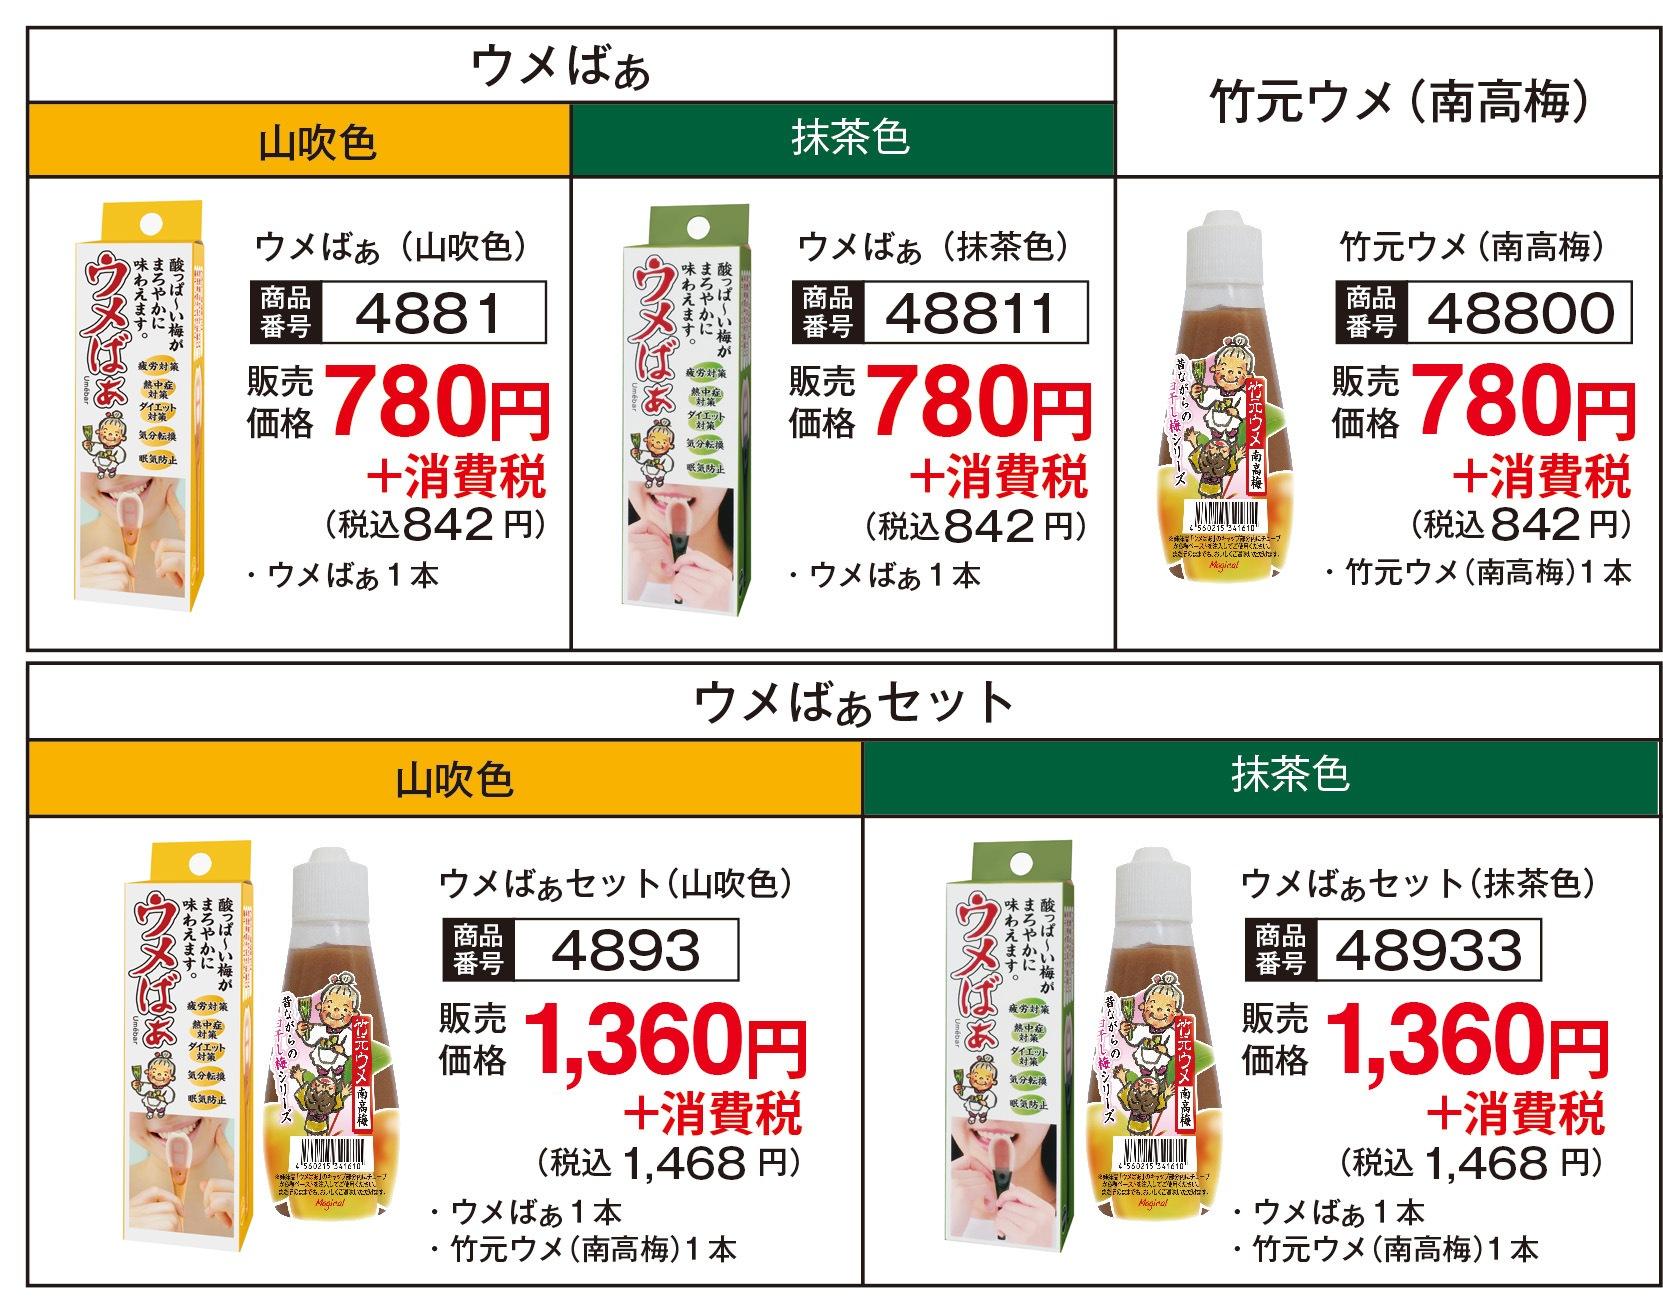 商品イメージ価格